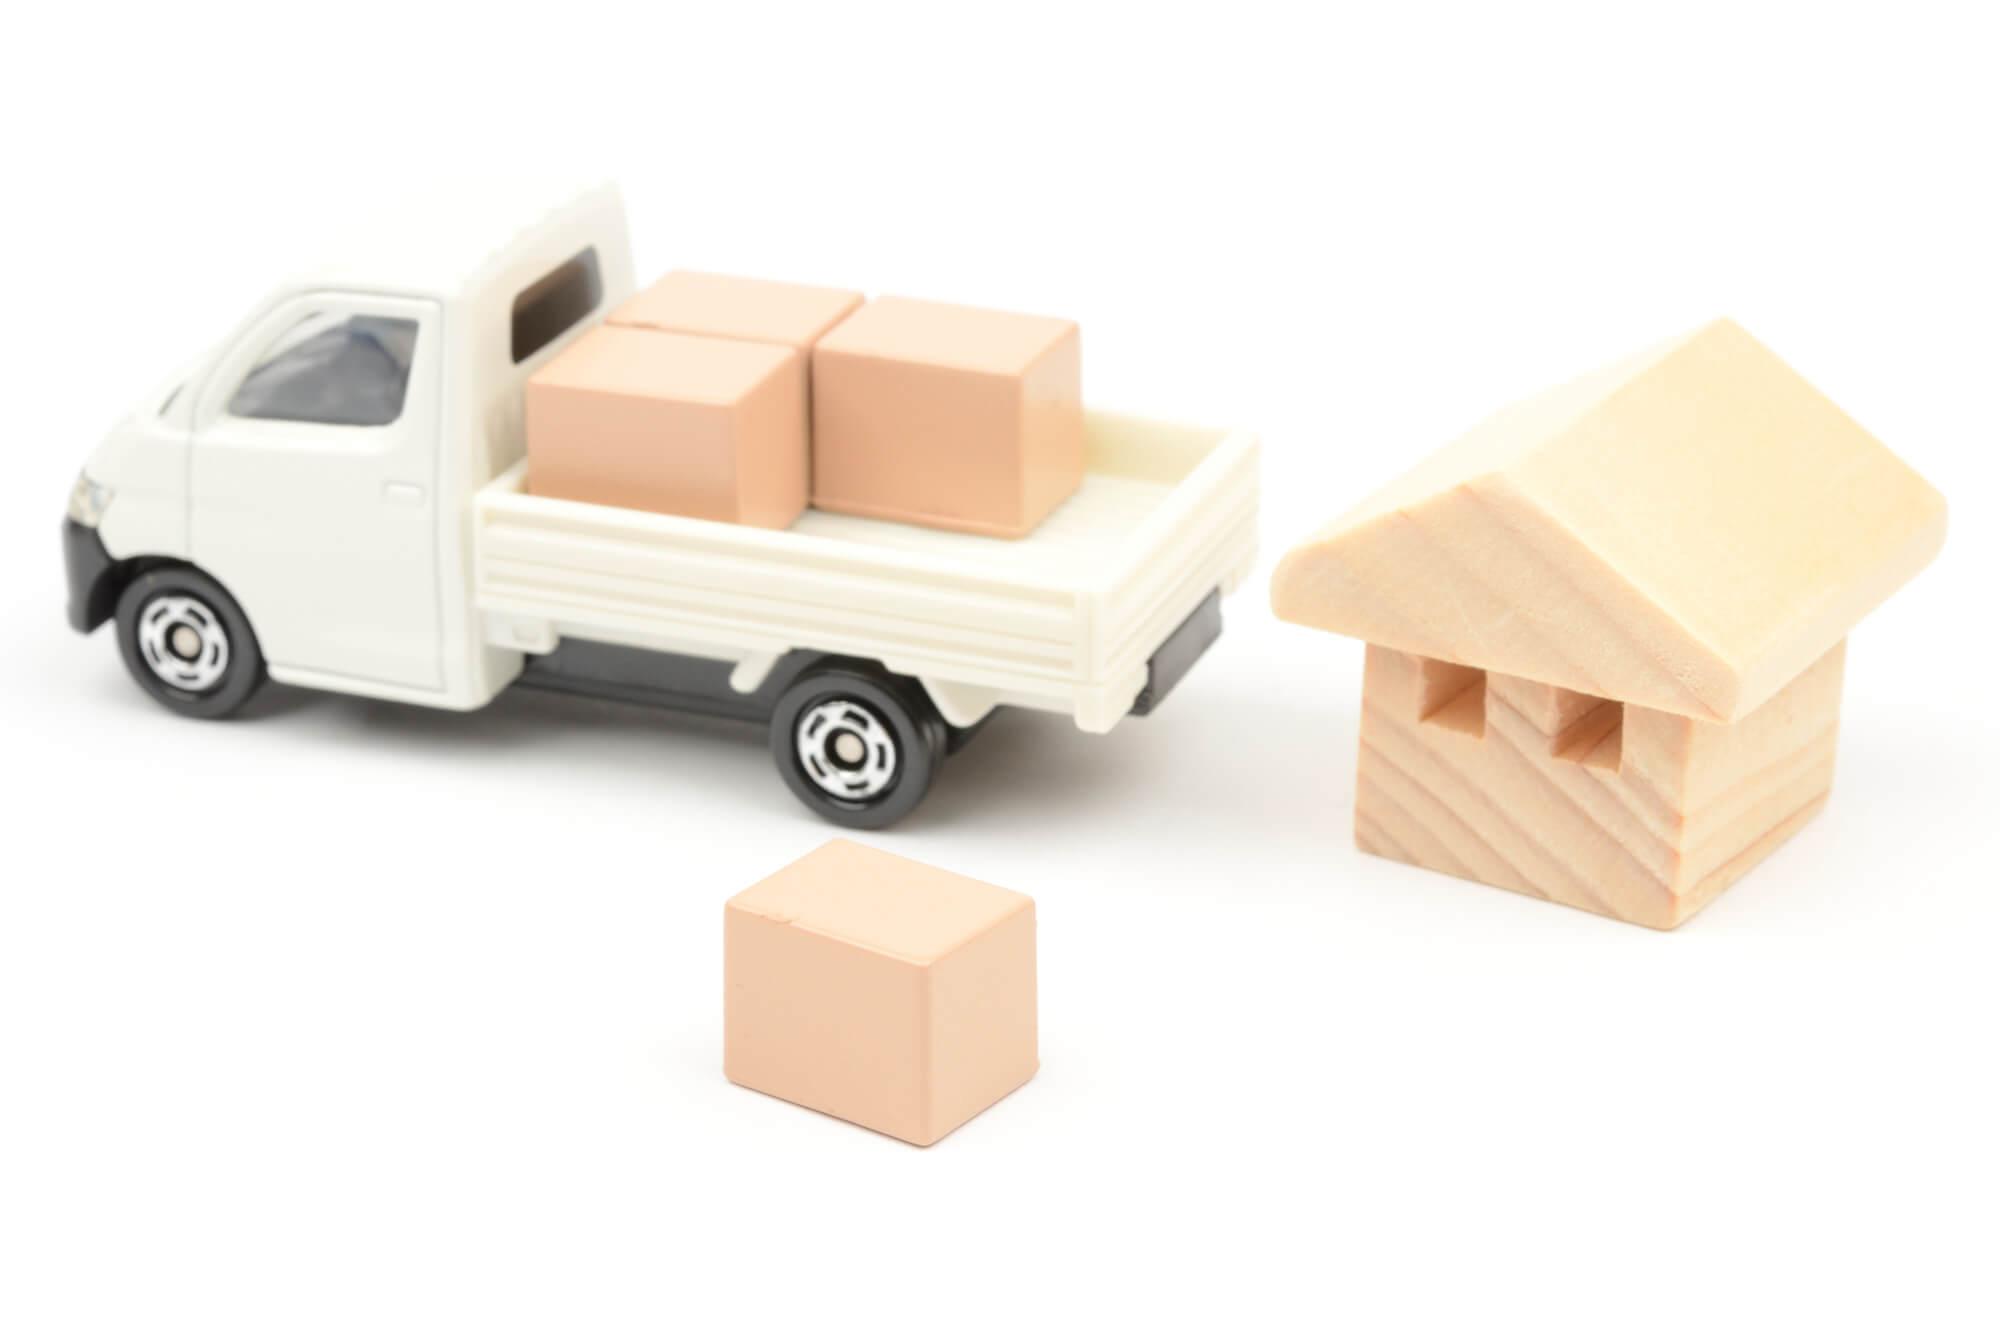 大型の不用品回収なら4t(トン)トラック積み放題プランがおすすめ!